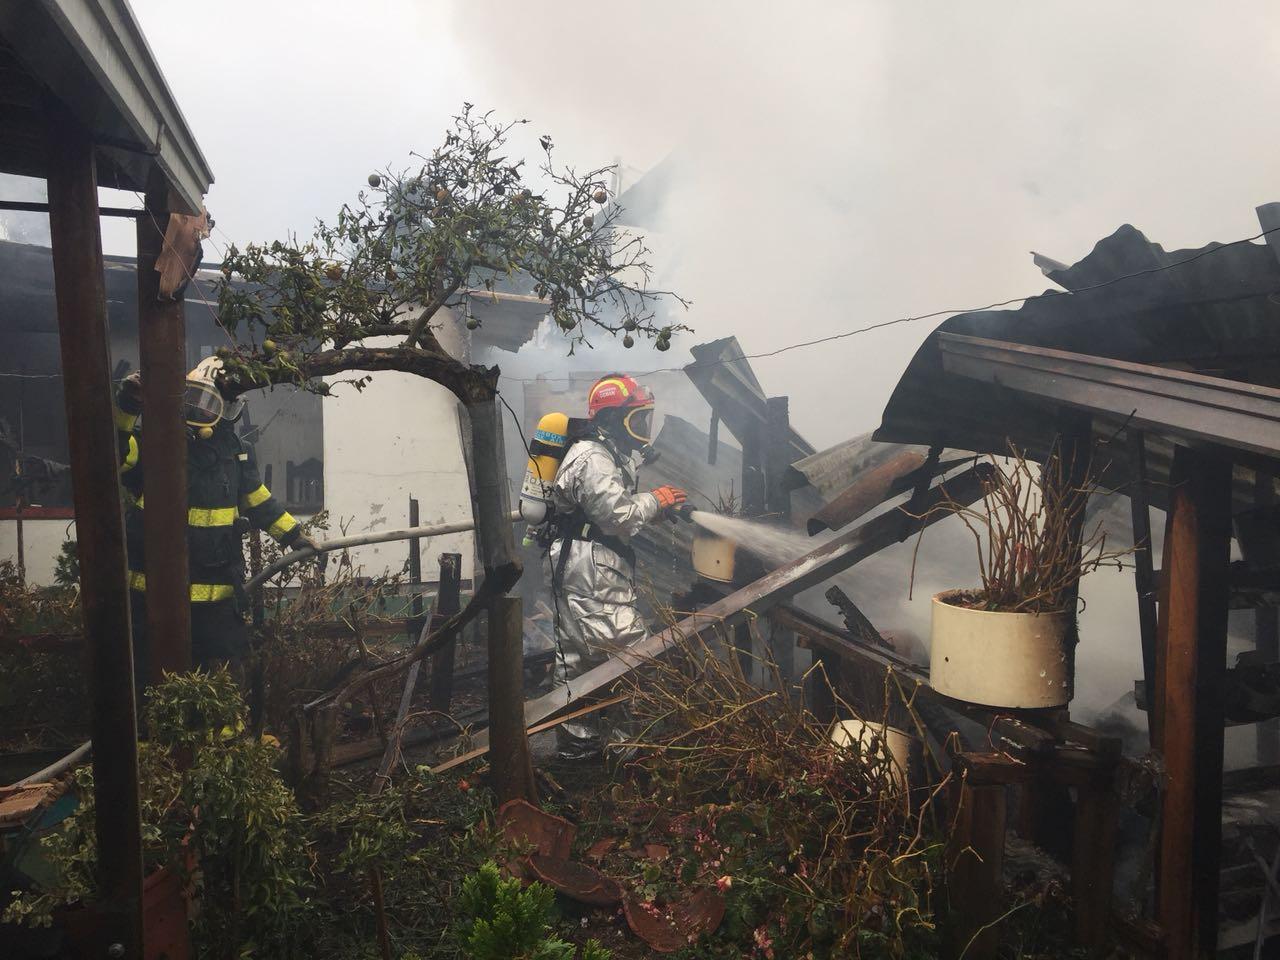 Manipulando una pipeta de gas ocasionó un incendio